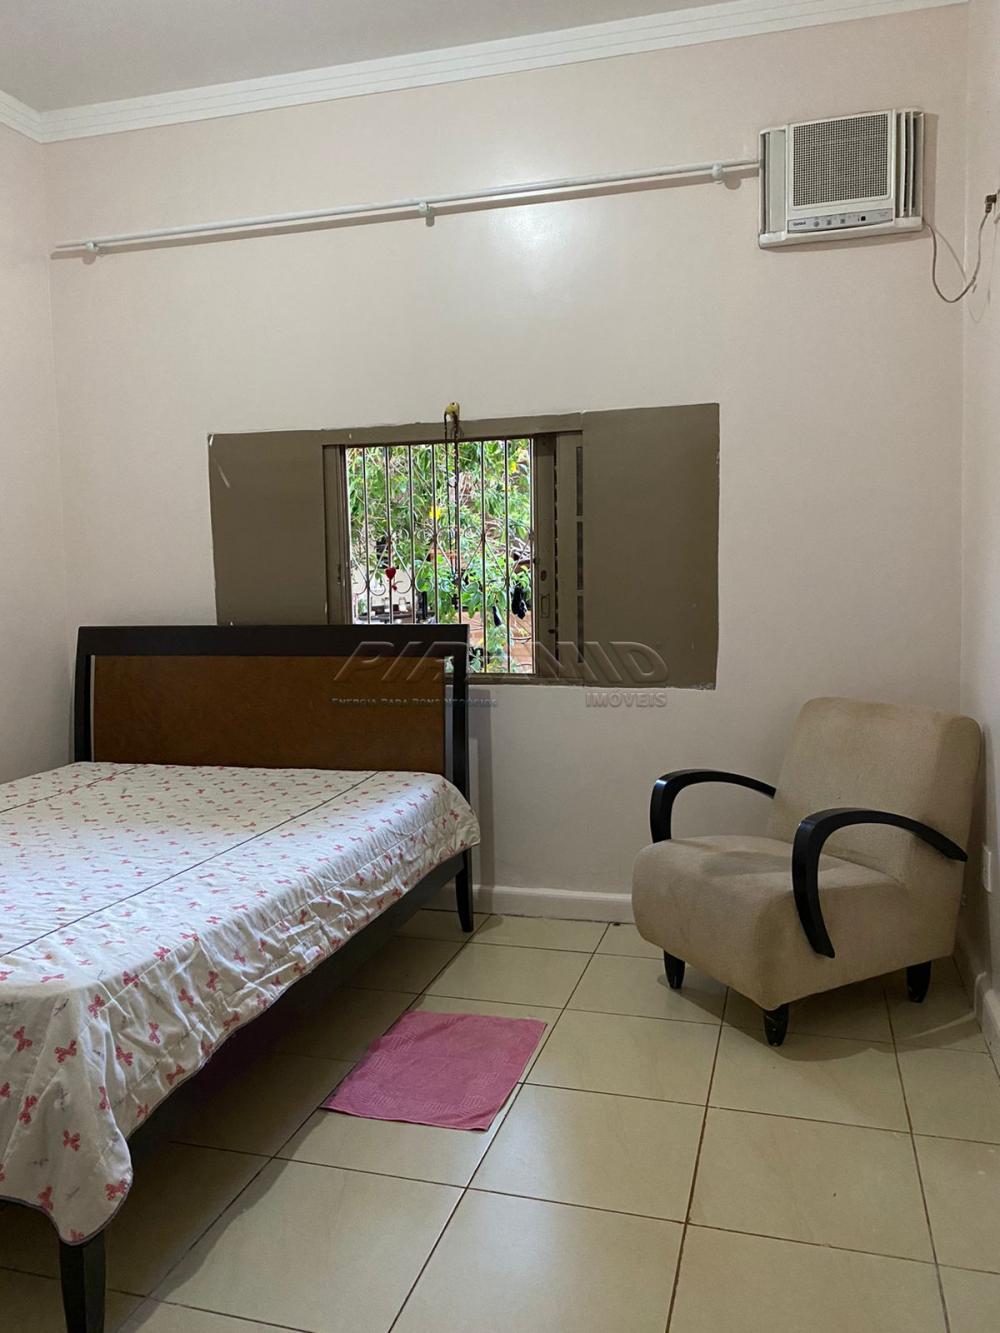 Comprar Casa / Padrão em Ribeirão Preto R$ 900.000,00 - Foto 10